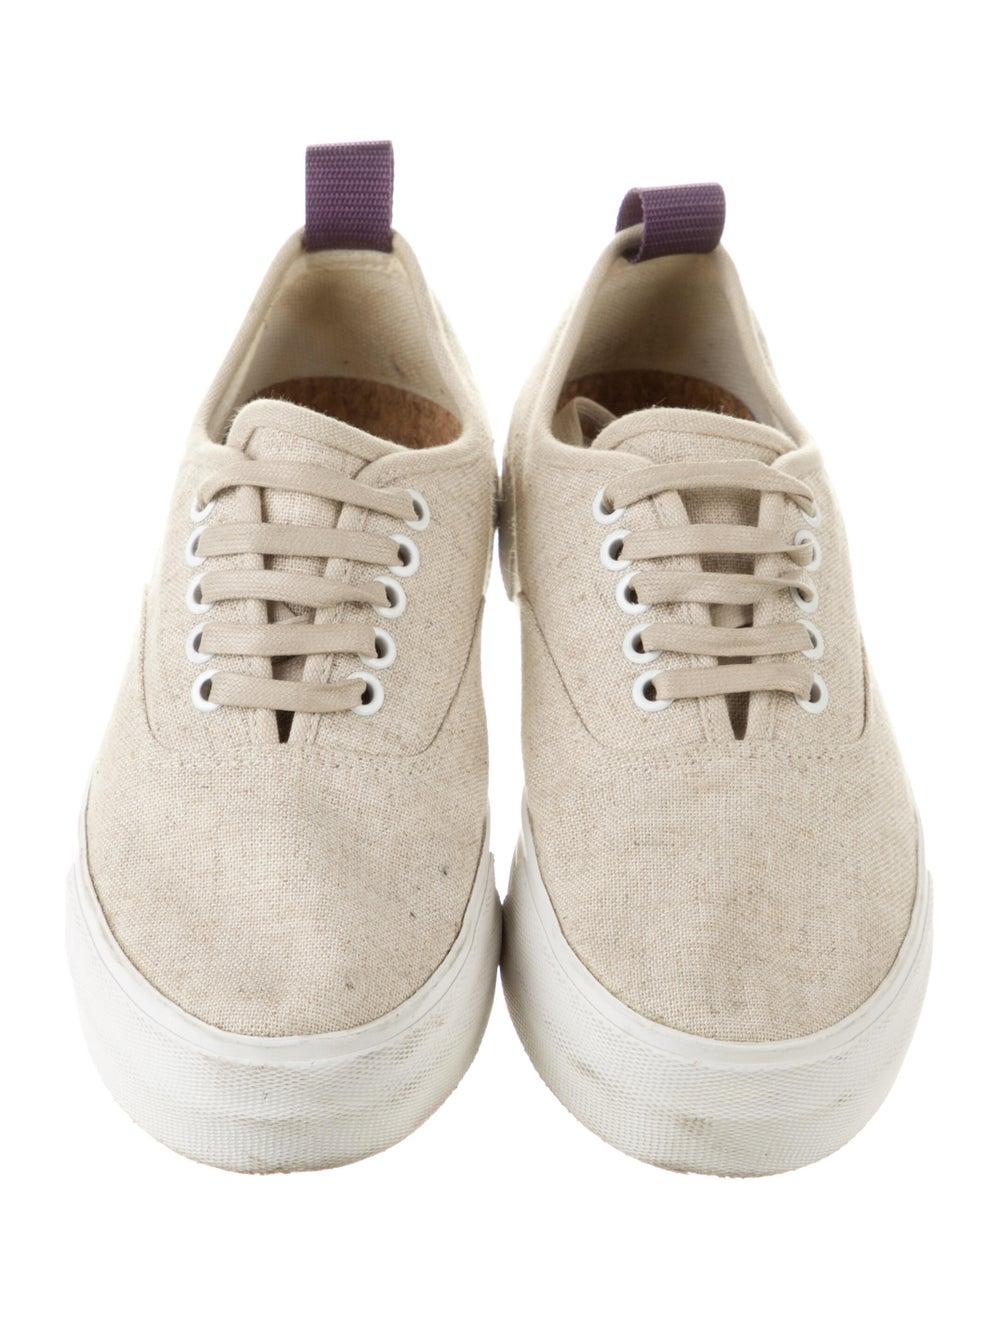 Eytys Sneakers - image 3